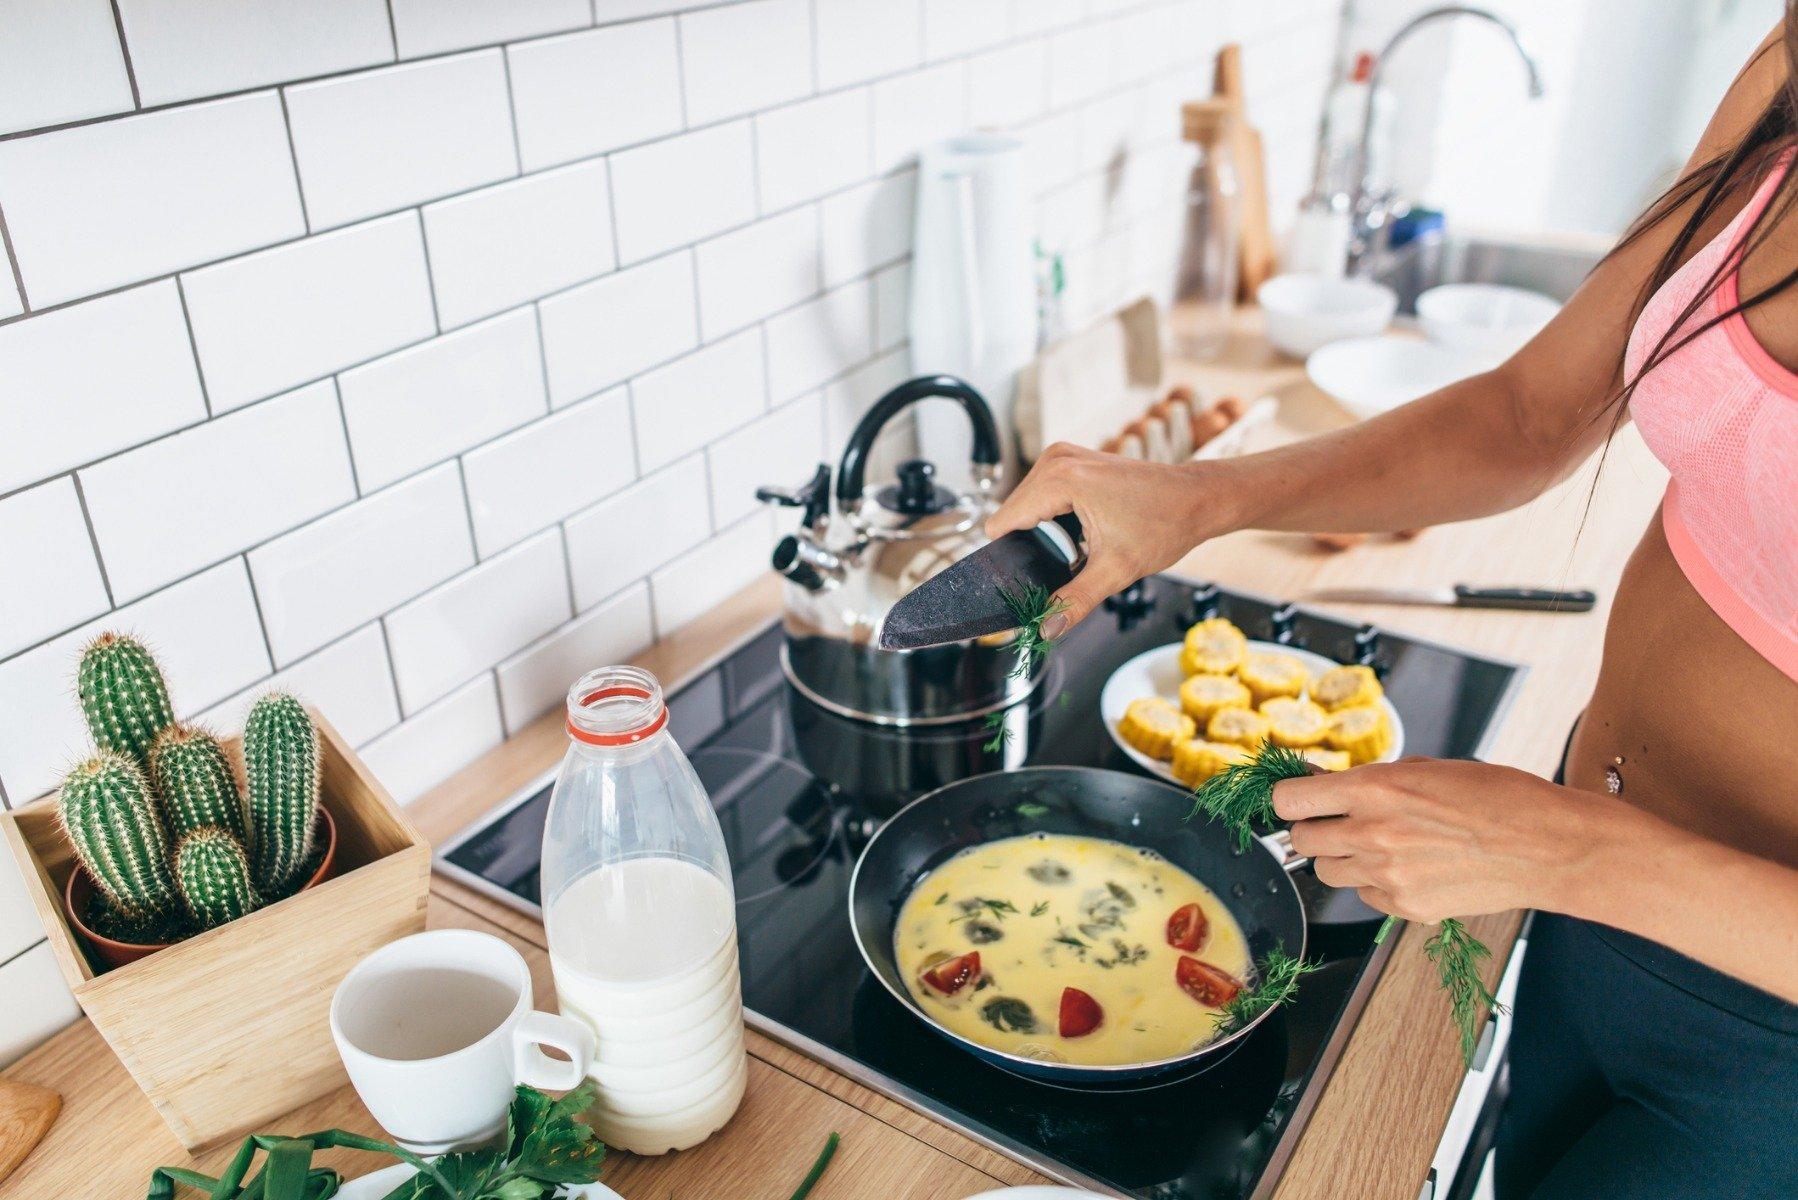 Ce trebuie să mâncați, dacă faceți exerciții dimineața?